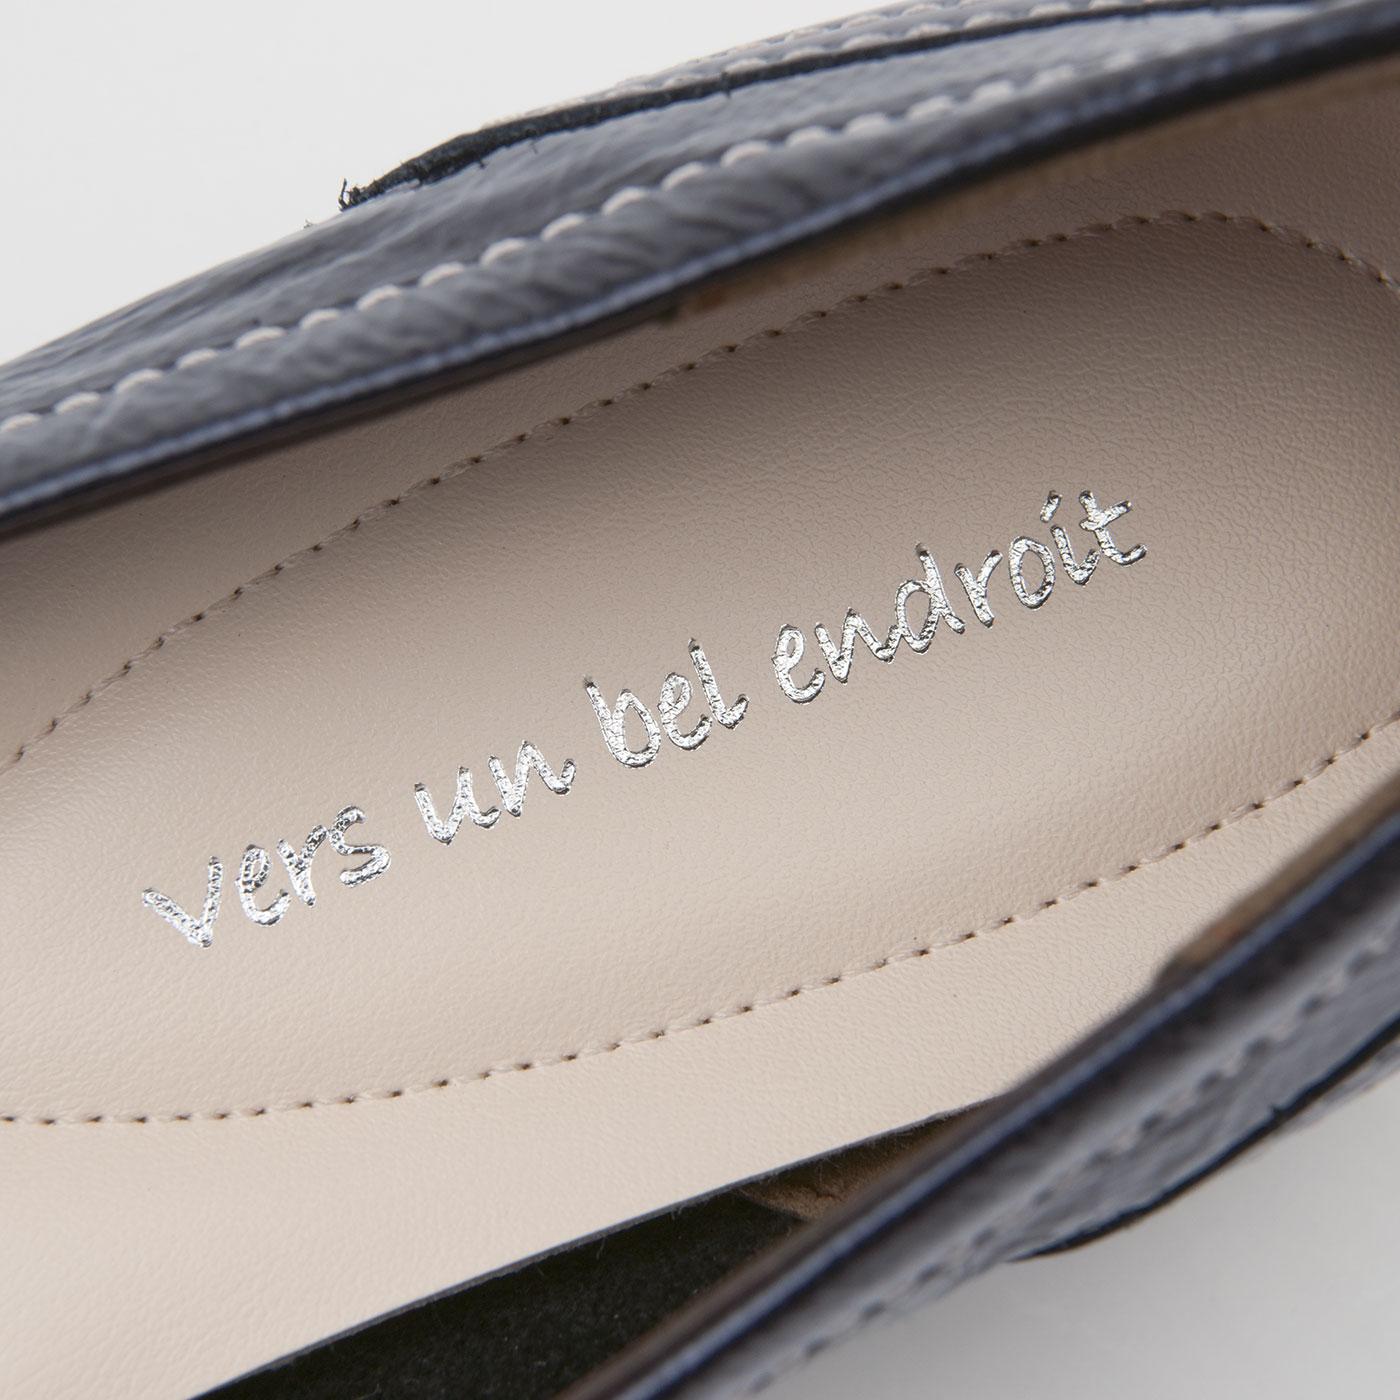 中敷きにプリントしたのは「美しい場所へ」を意味するフランス語。「ステキな靴はあなたをステキな場所に連れて行ってくれる」そんな気持ちを込めて。